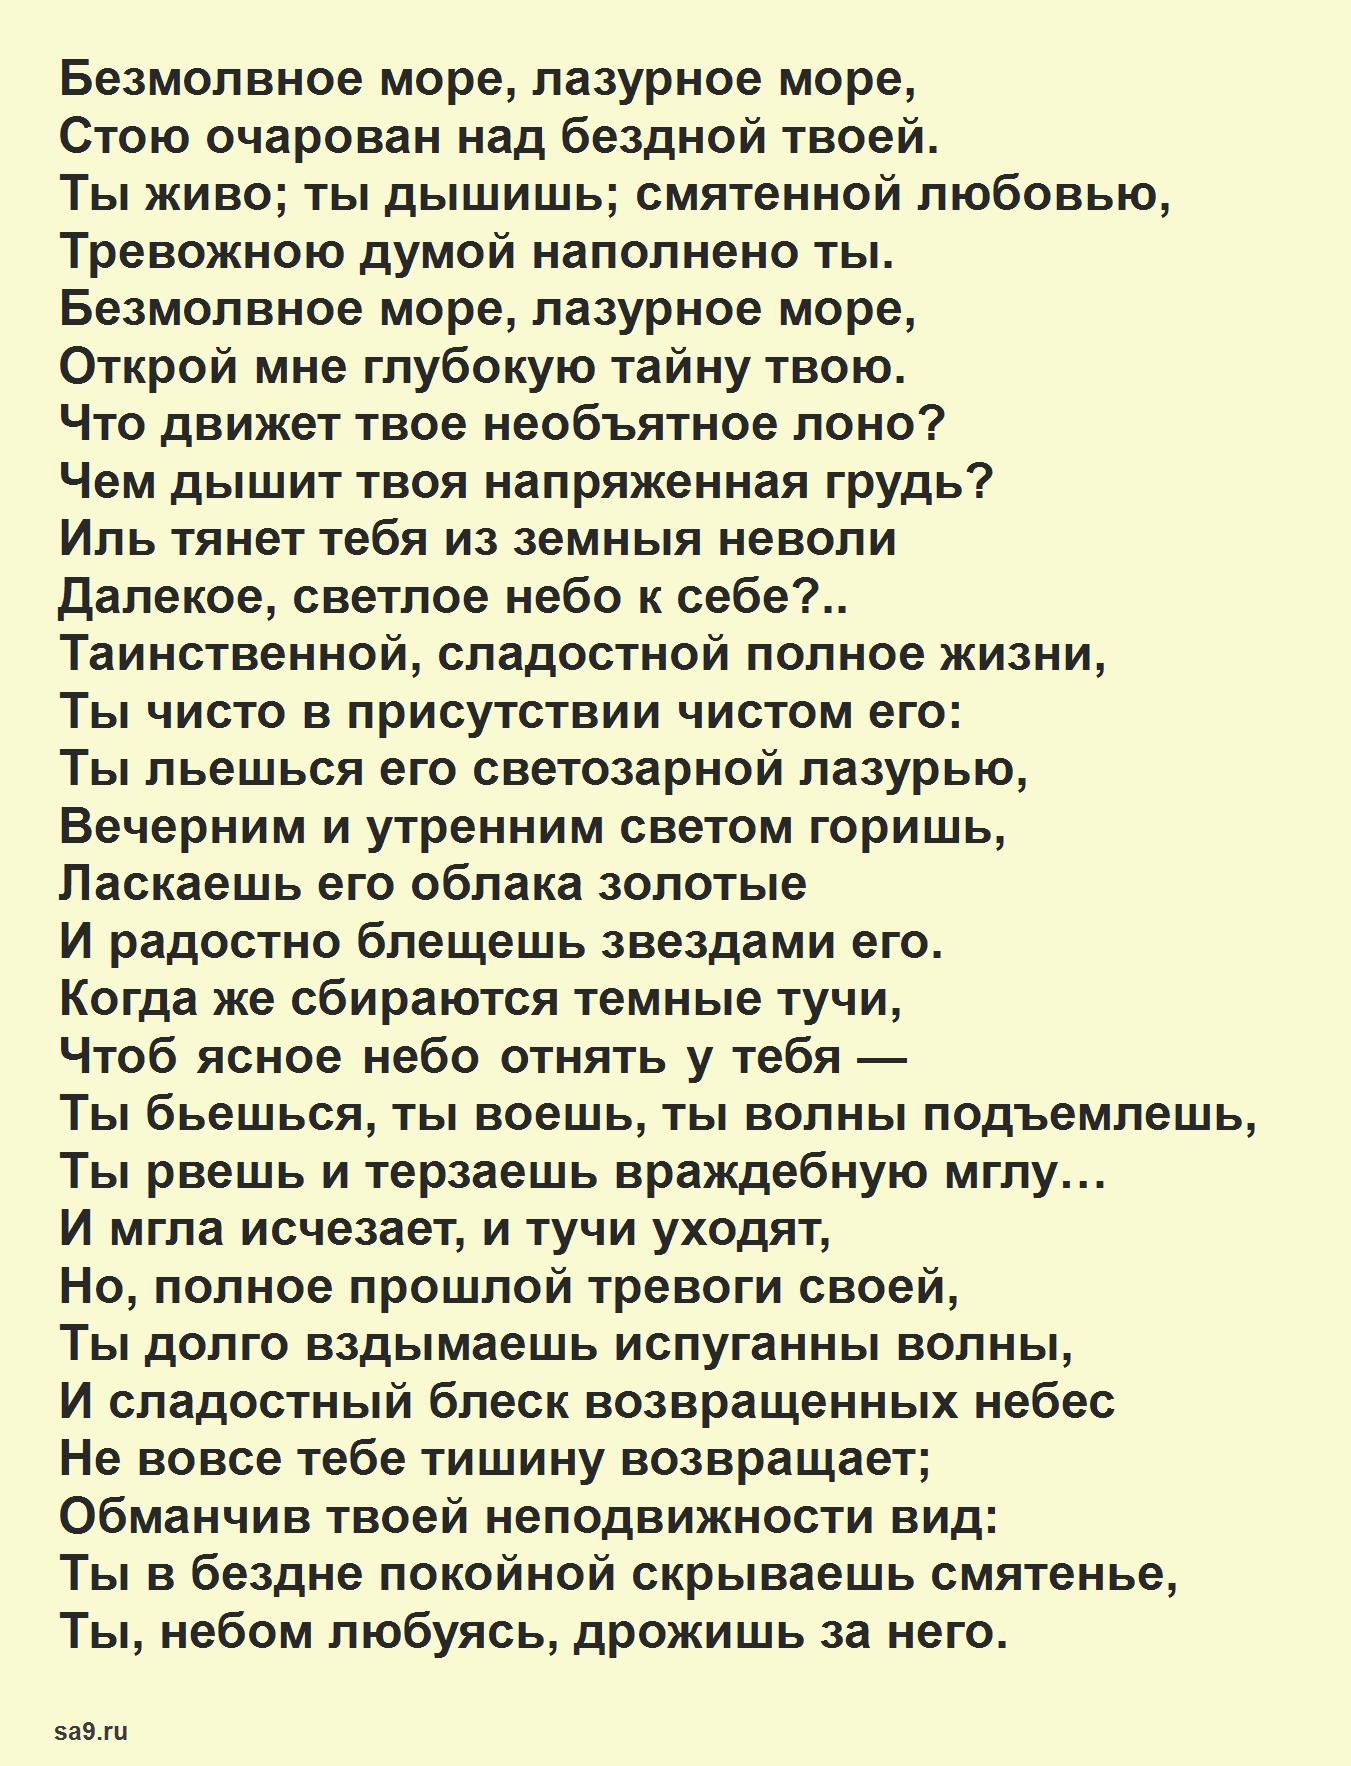 Читаем стих Море, Жуковский